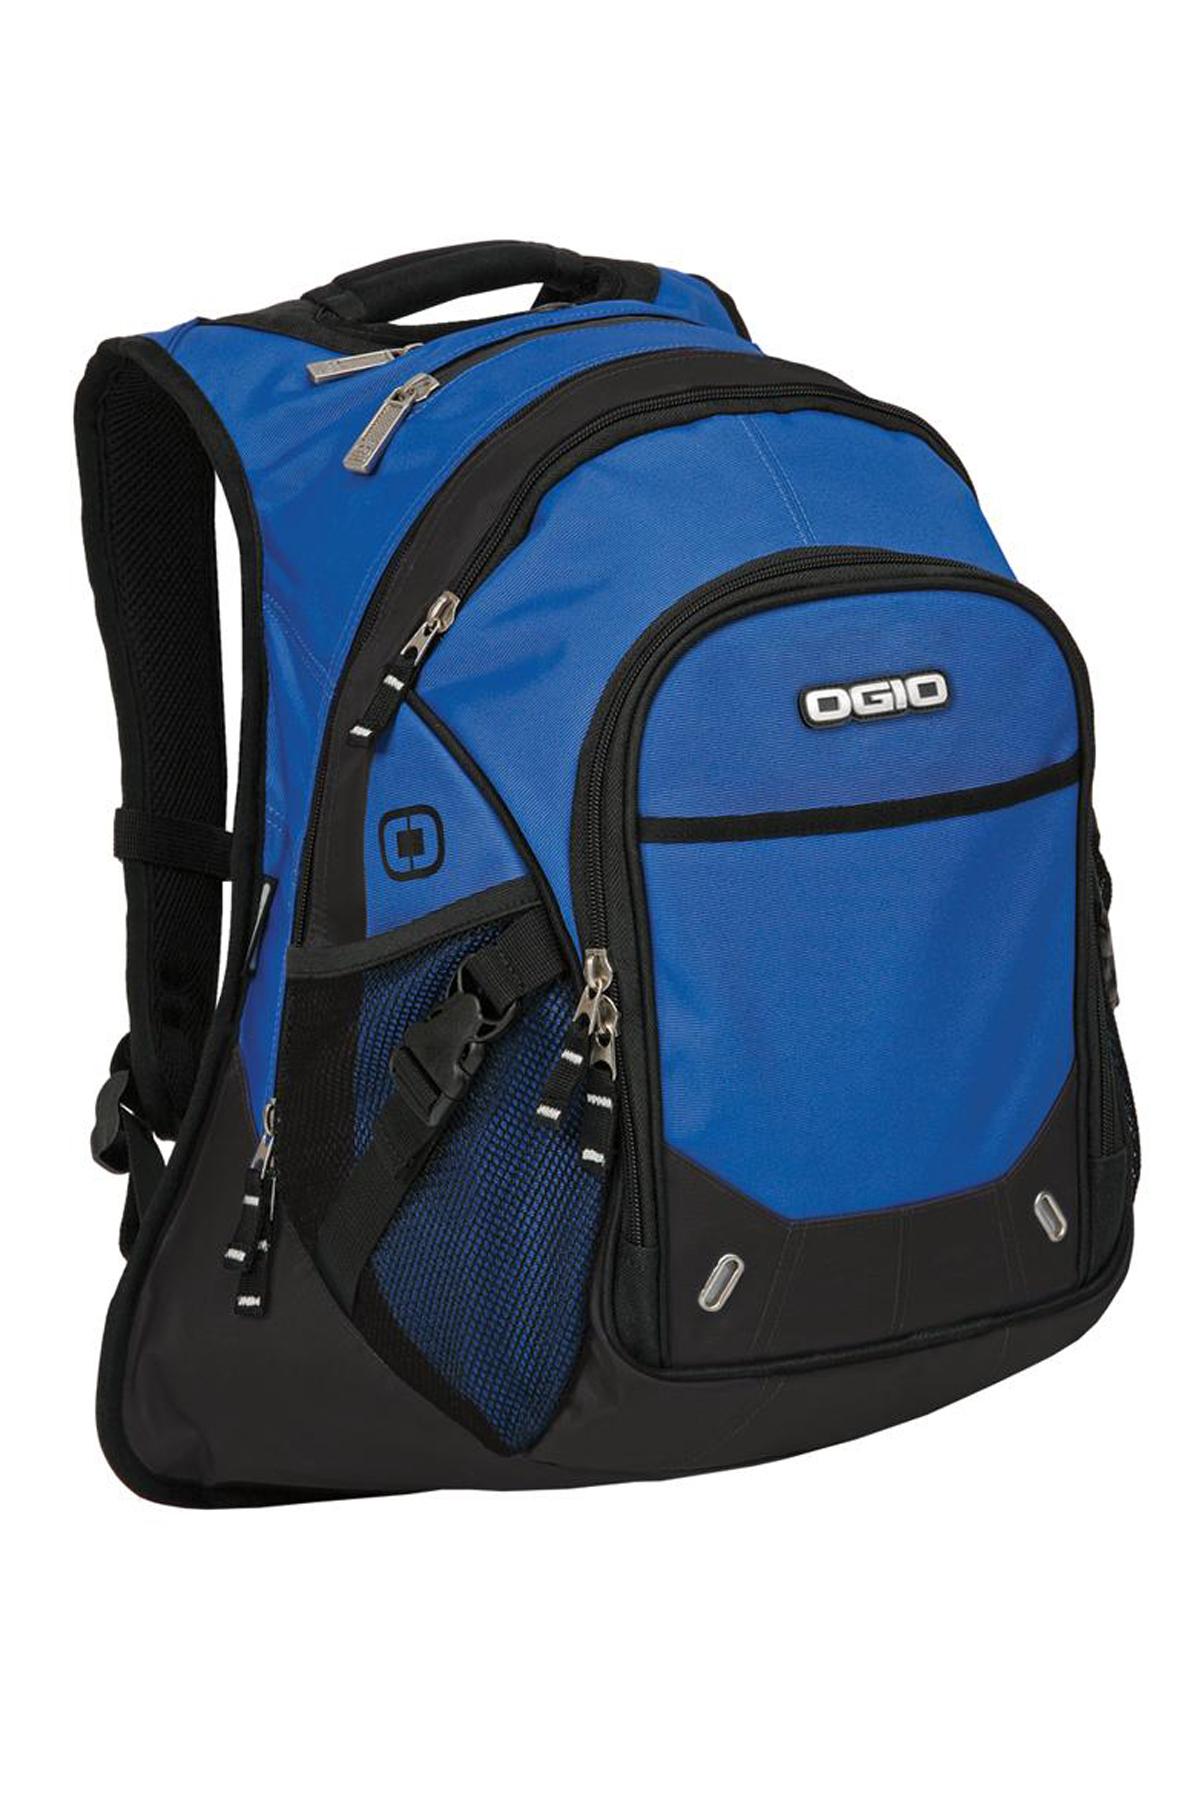 Bags-Backpacks-17